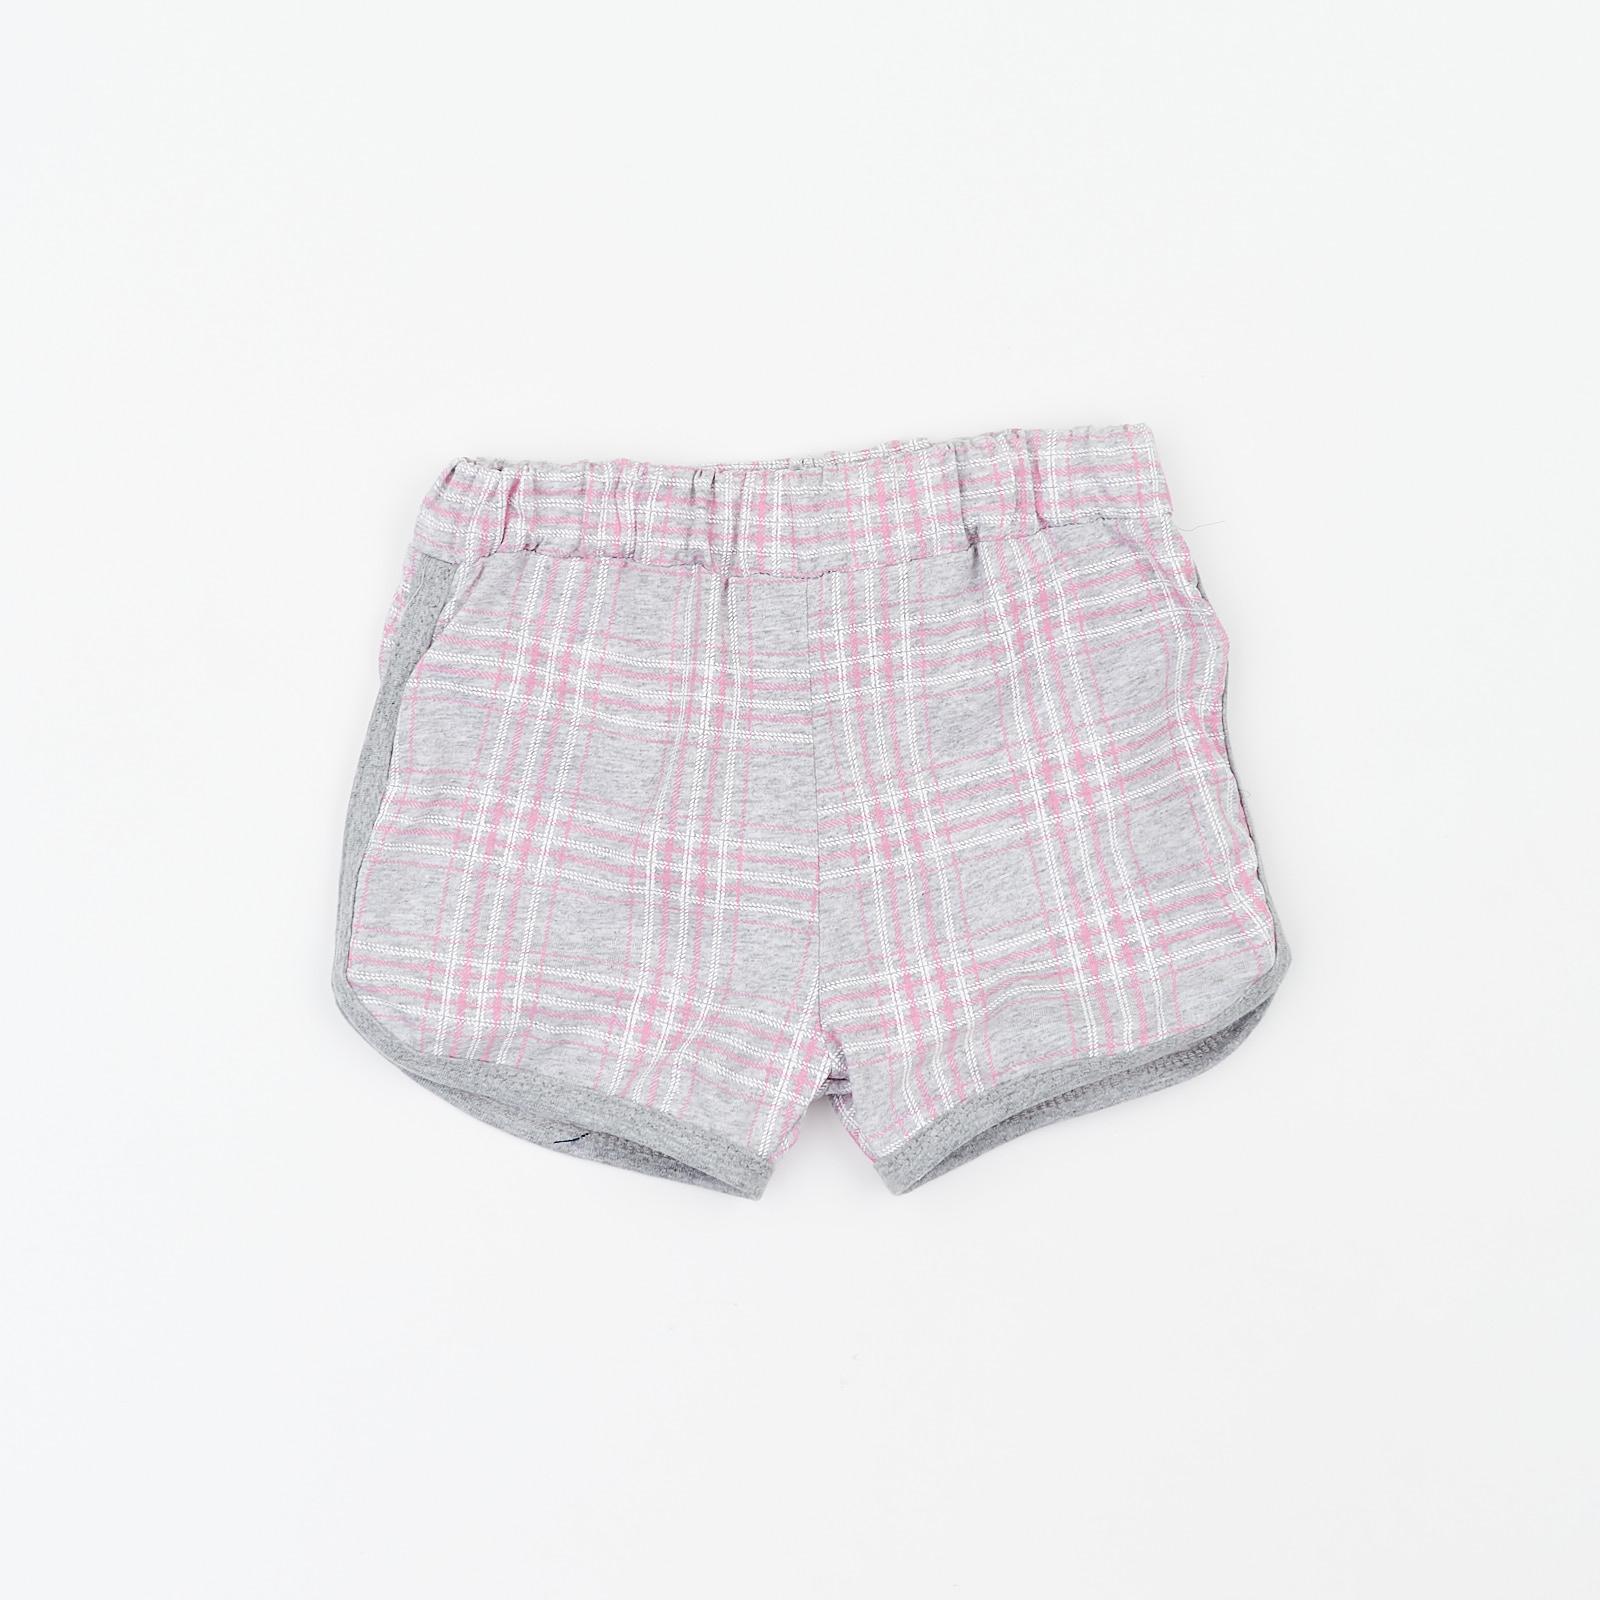 Пижама детские Vitusya модель 6PB~104066-1 отзывы, 2017